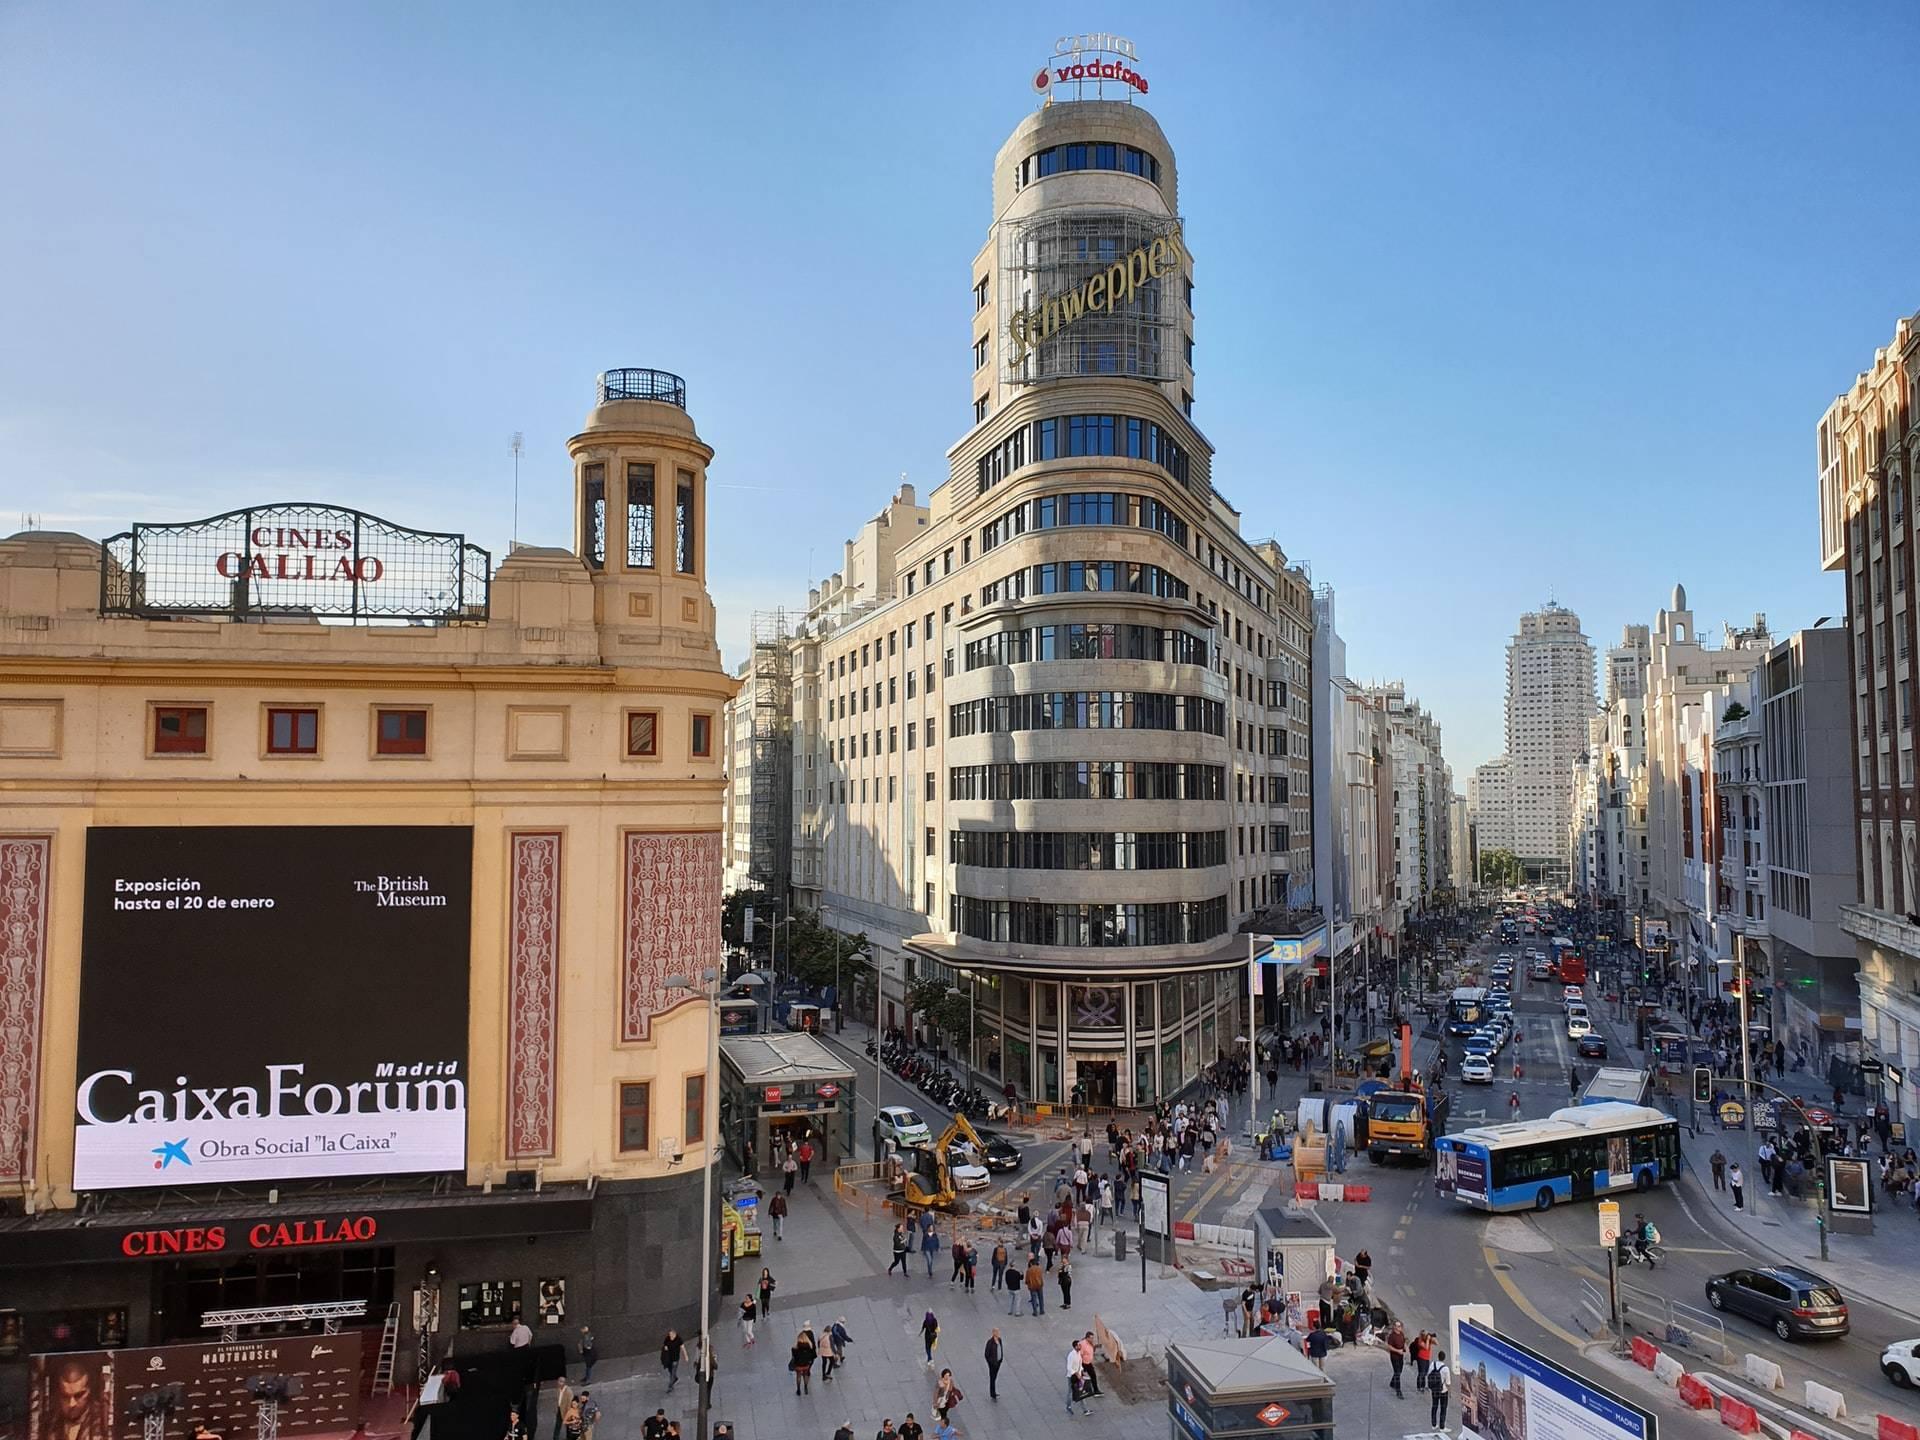 Plaza de Callao y Gran Vía de Madrid